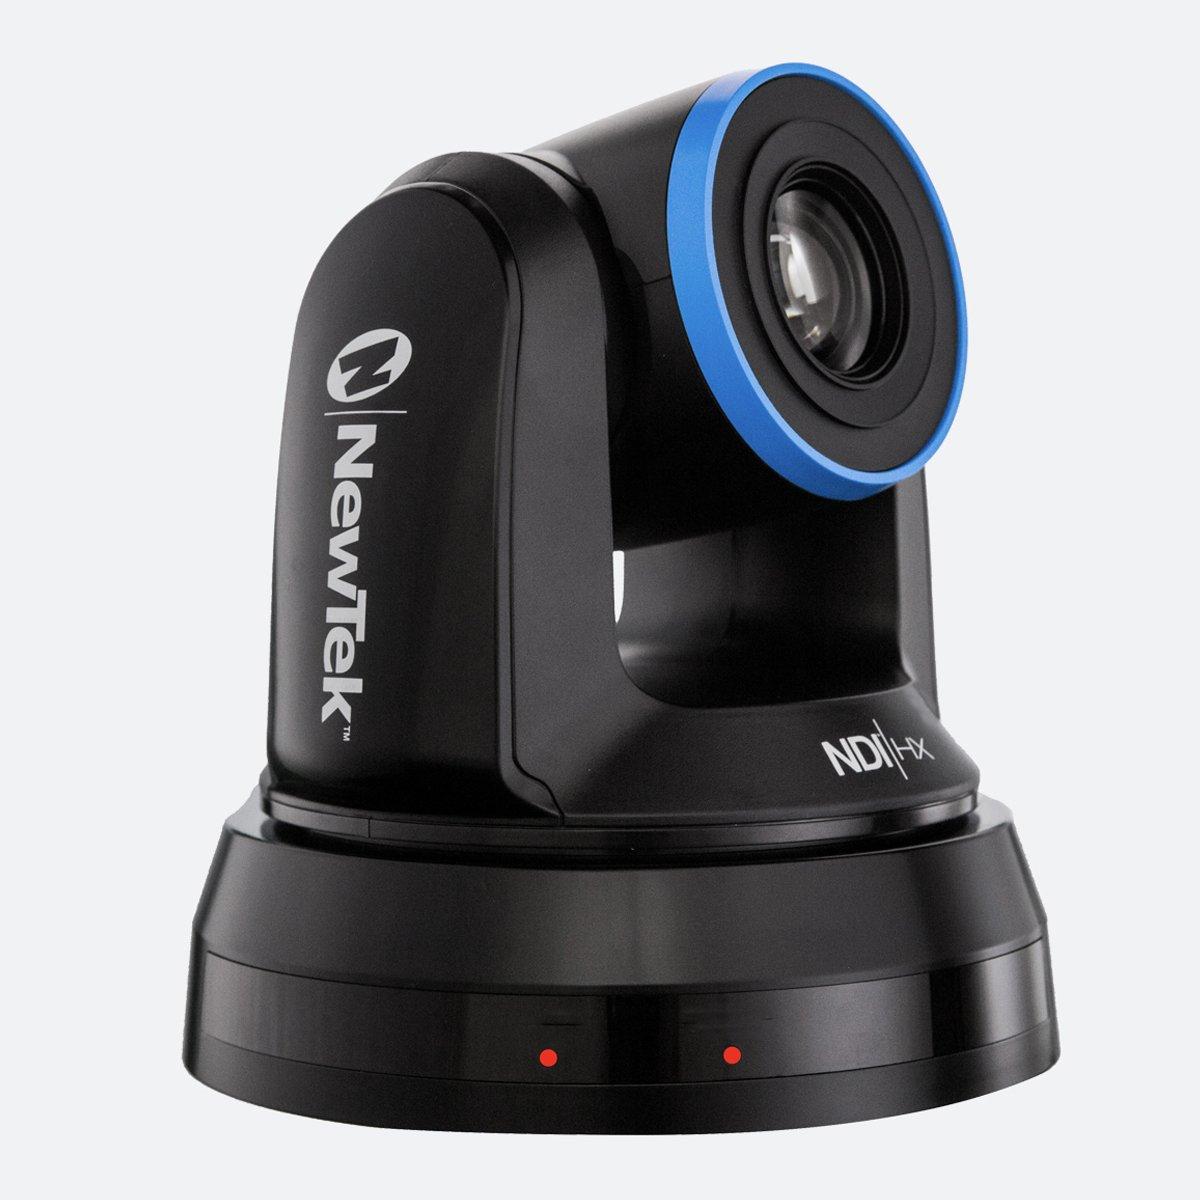 NewTek NDIHX PTZ Camera